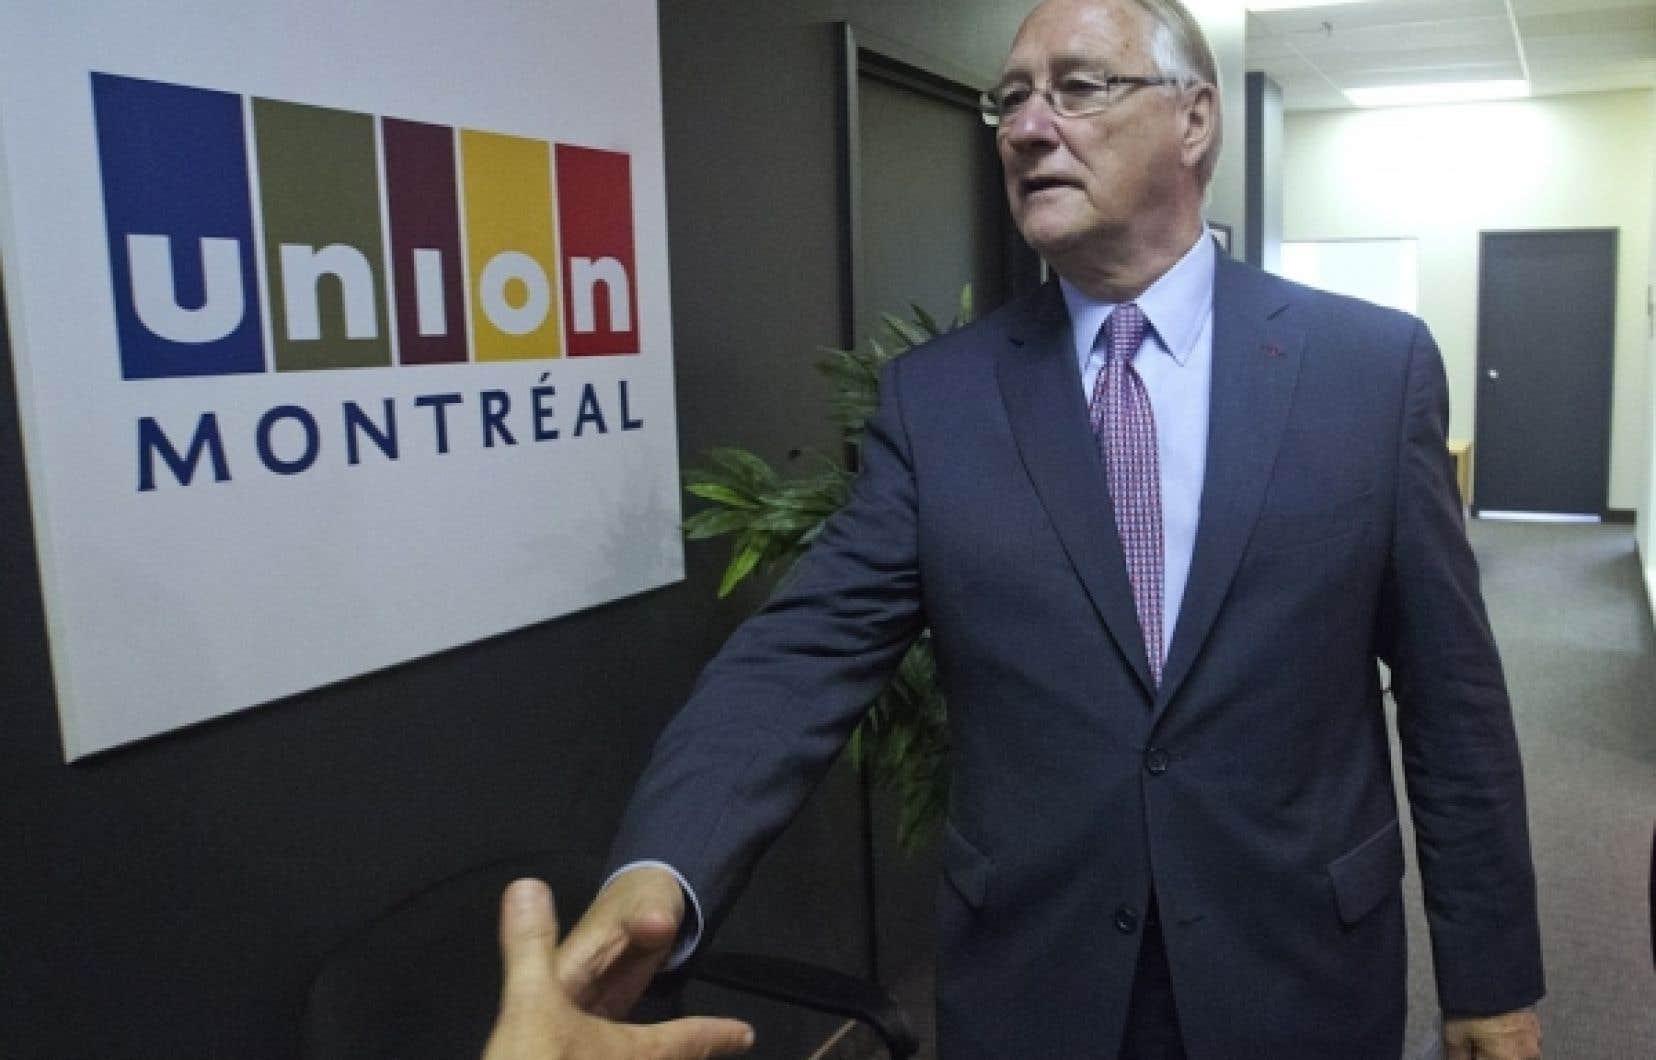 Les conseillers d'Union Montréal ont tous voté en faveur d'une déclaration d'appui au maire Gérald Tremblay.